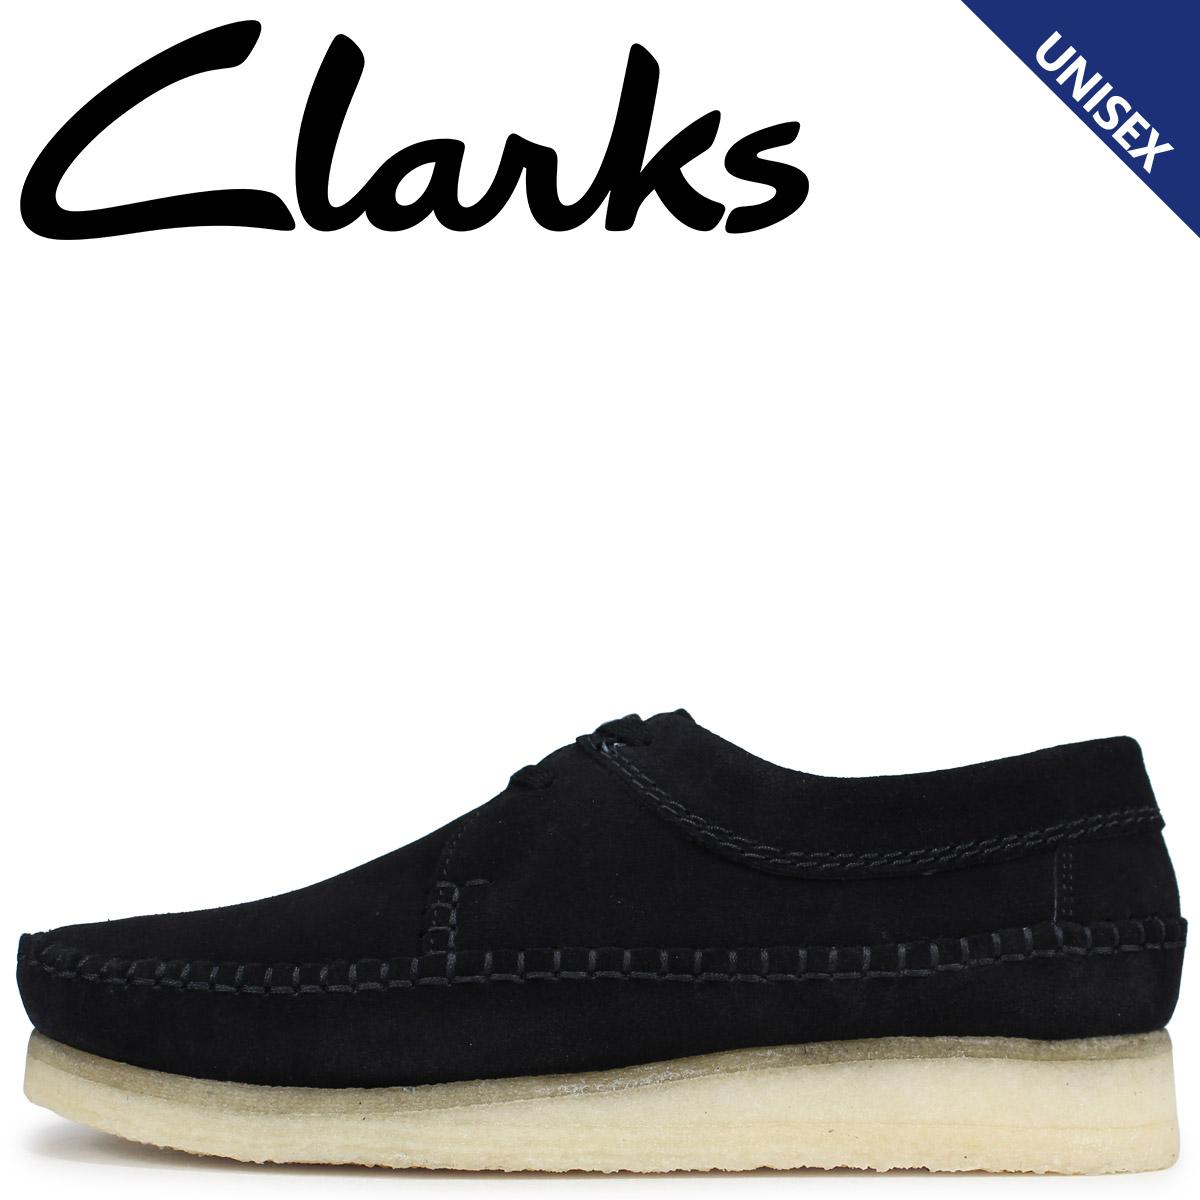 Clarks クラークス ウィーバー ブーツ メンズ レディース WEAVER スエード ブラック 26133284